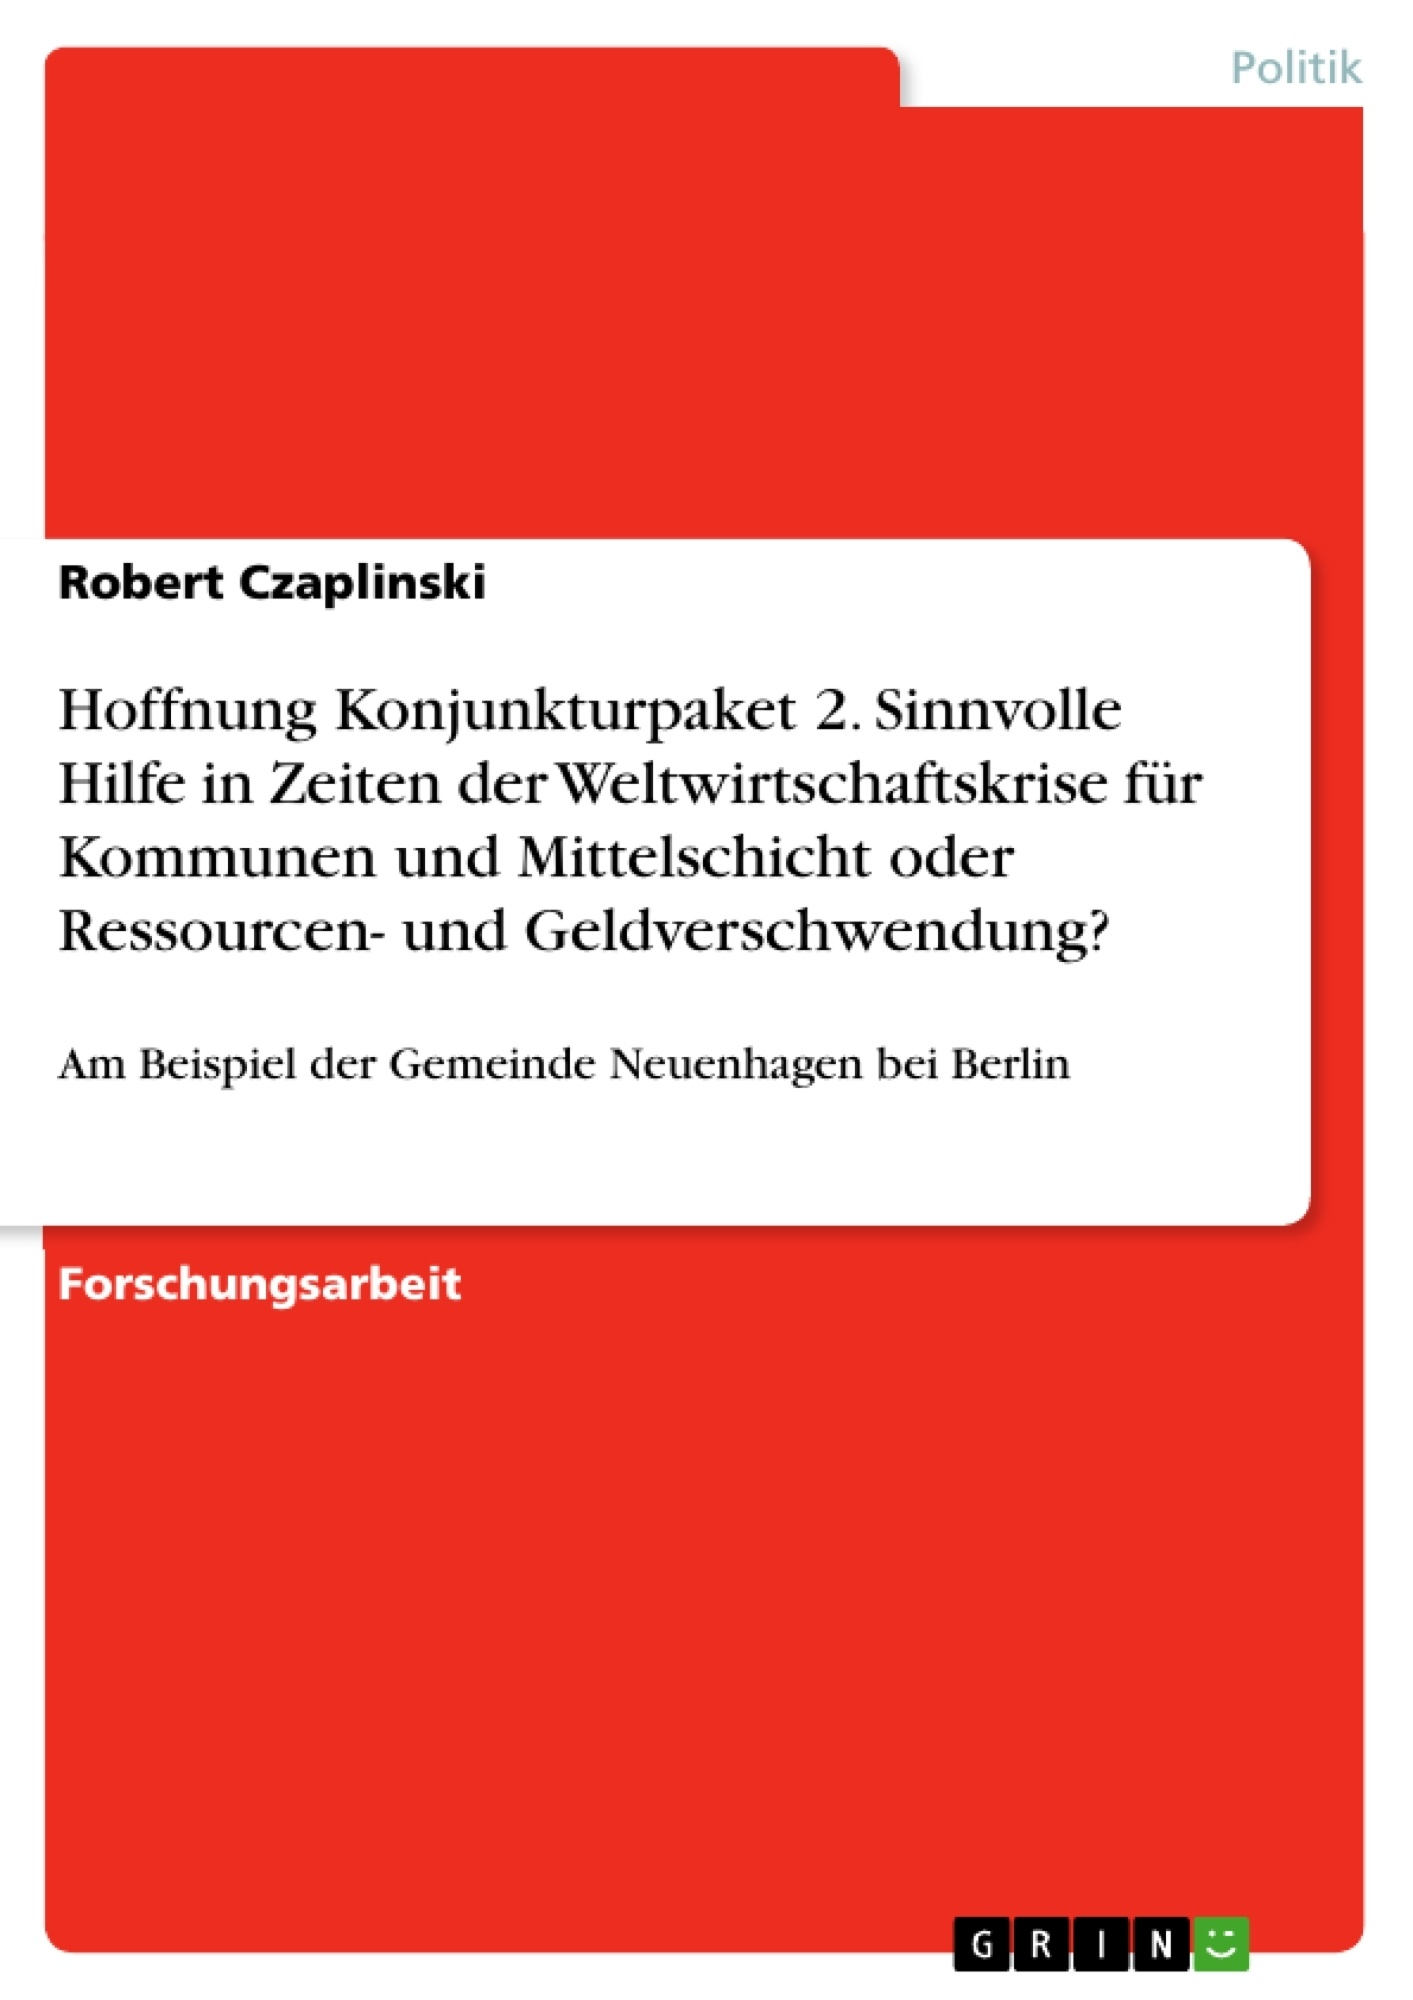 Titel: Hoffnung Konjunkturpaket 2. Sinnvolle Hilfe in Zeiten der Weltwirtschaftskrise für Kommunen und Mittelschicht oder Ressourcen- und Geldverschwendung?